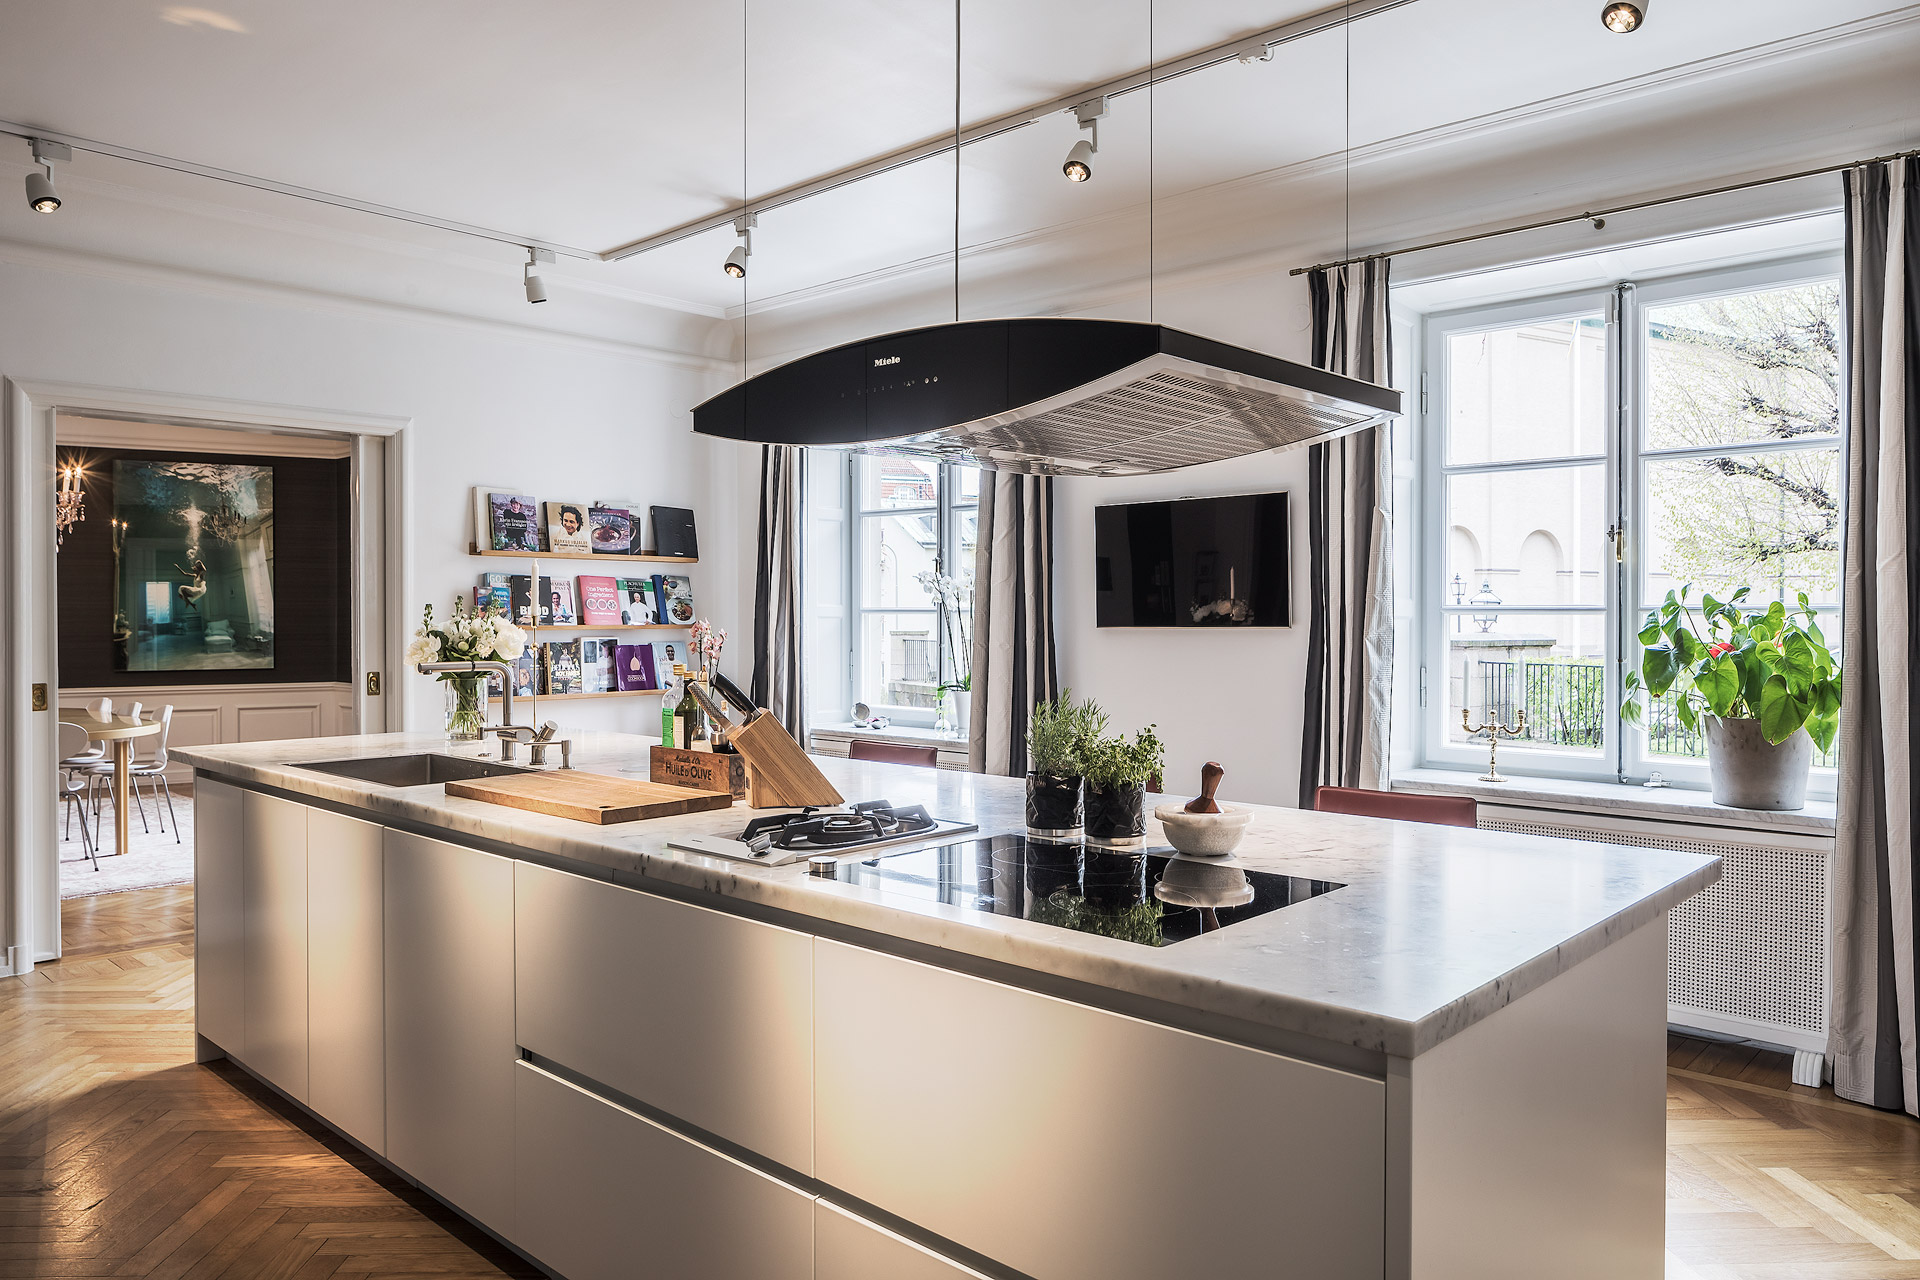 кухня кухонный остров столешница мрамор мойка смеситель плита вытяжка